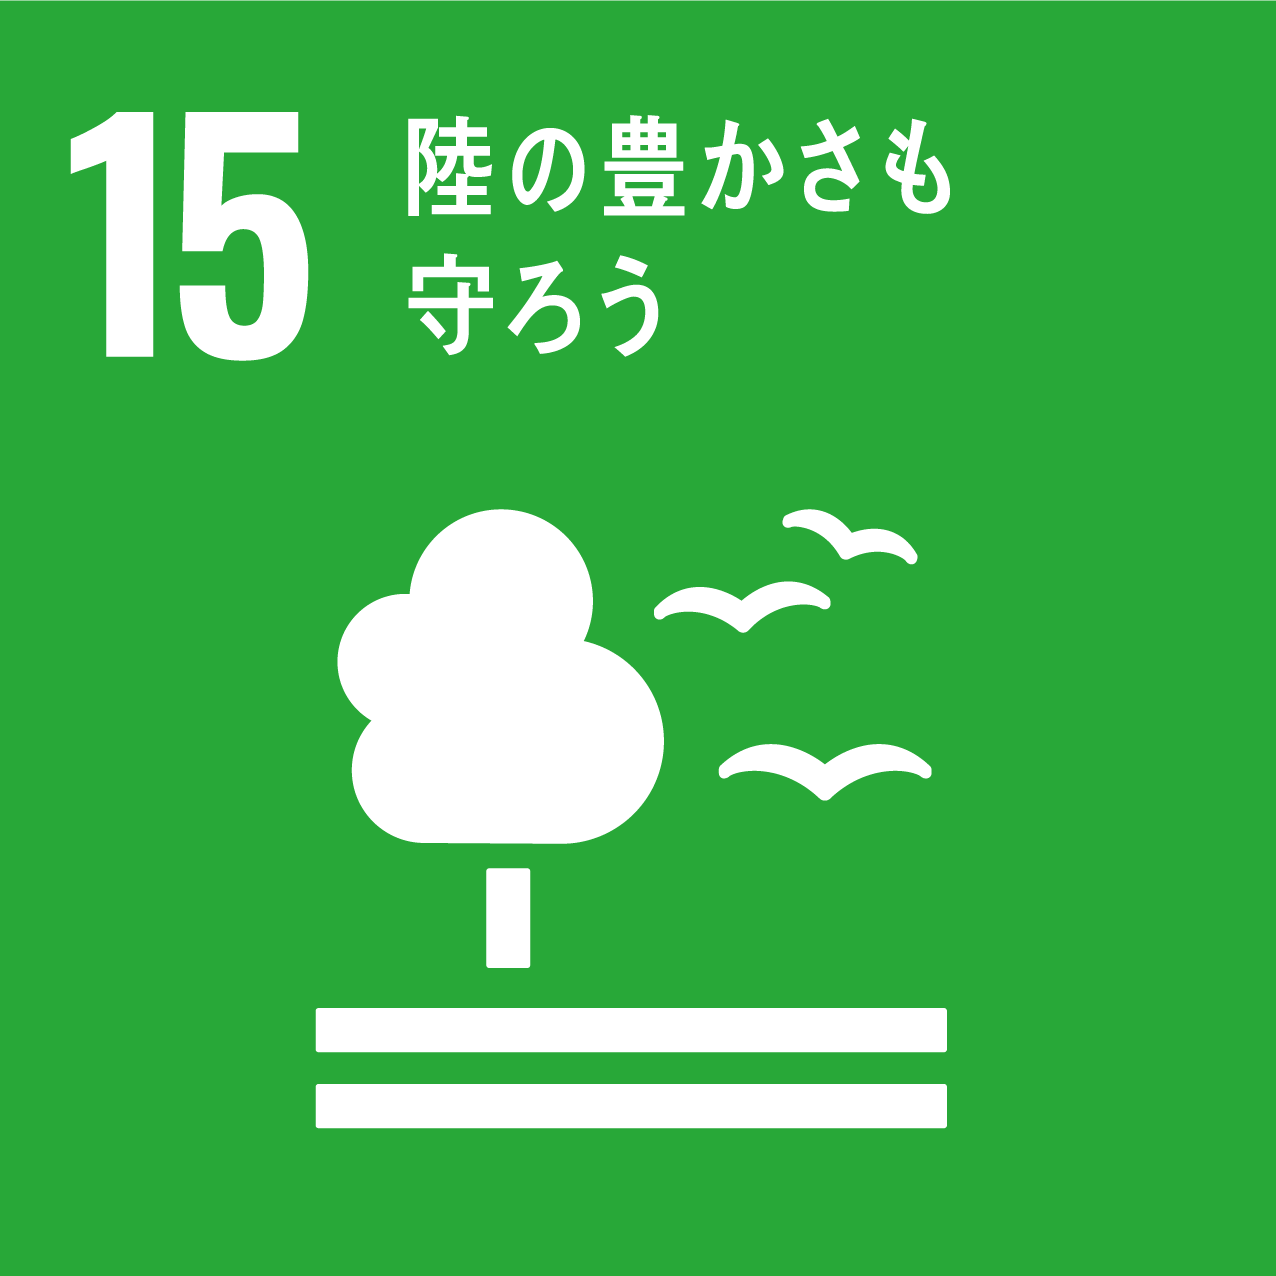 土地の環境悪化を防ぐため、本来は破棄される間伐材を使用し、森林を守る活動を行っています。